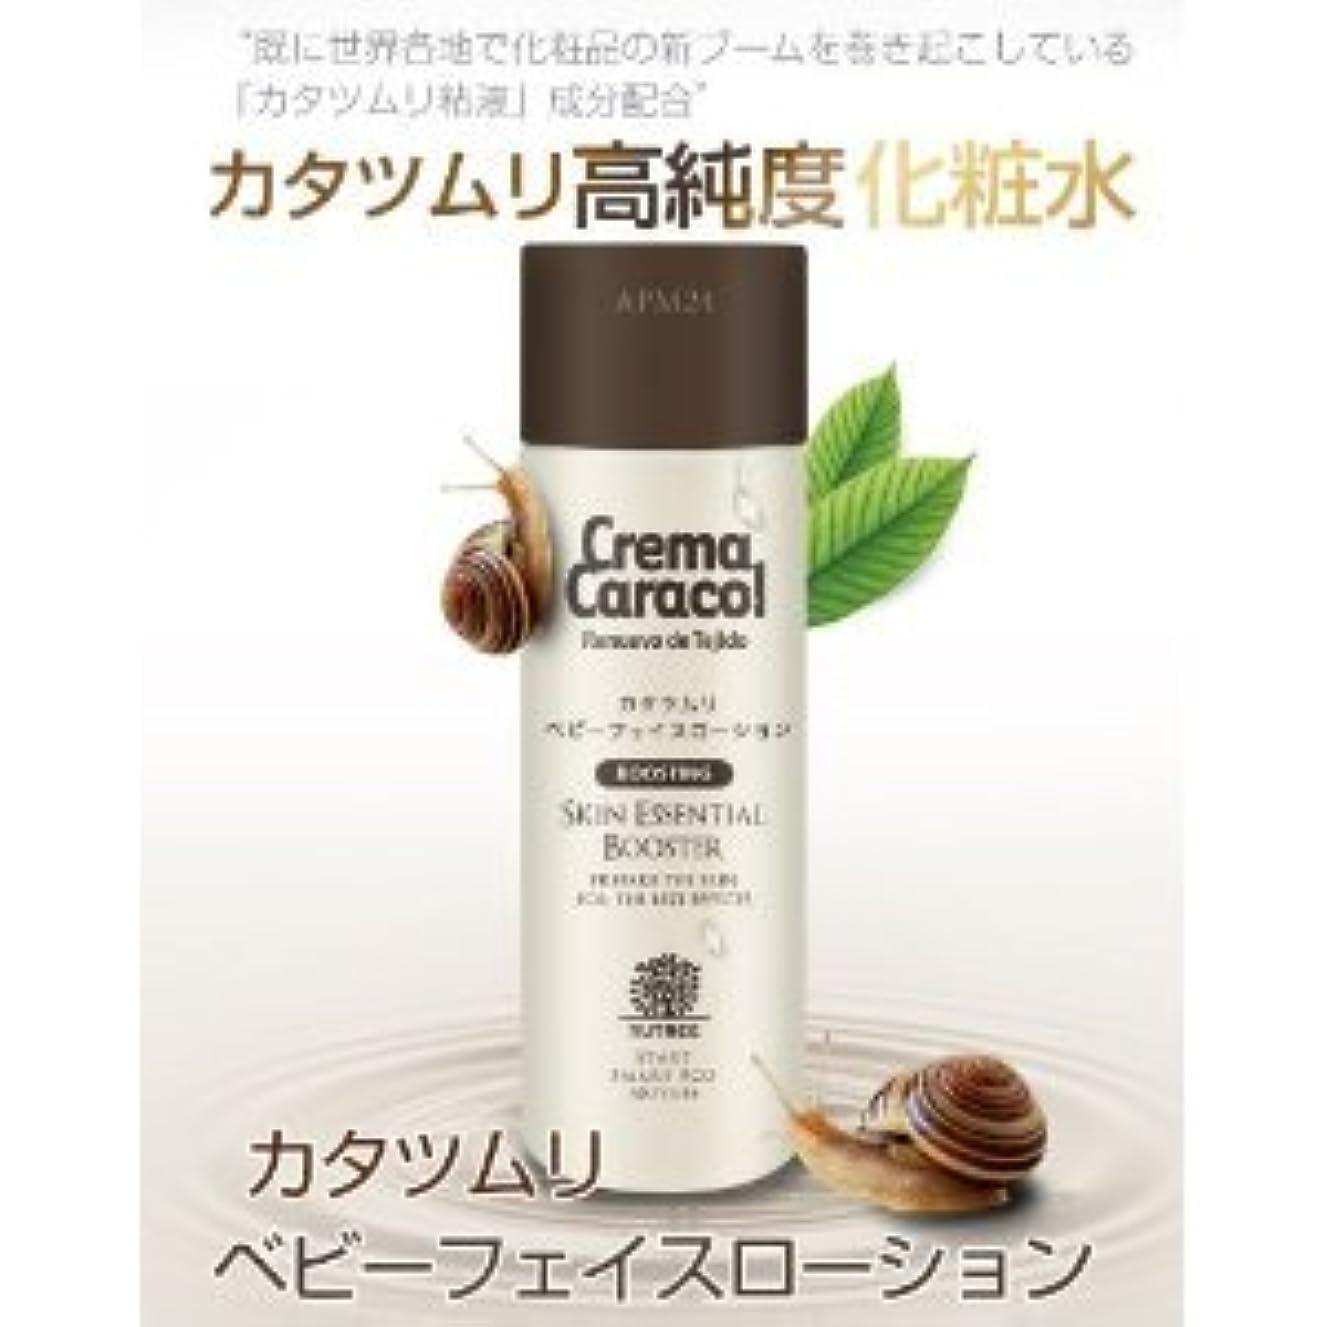 失態とにかく目に見えるcrema caracol(カラコール) ローション(化粧水) 5個セット